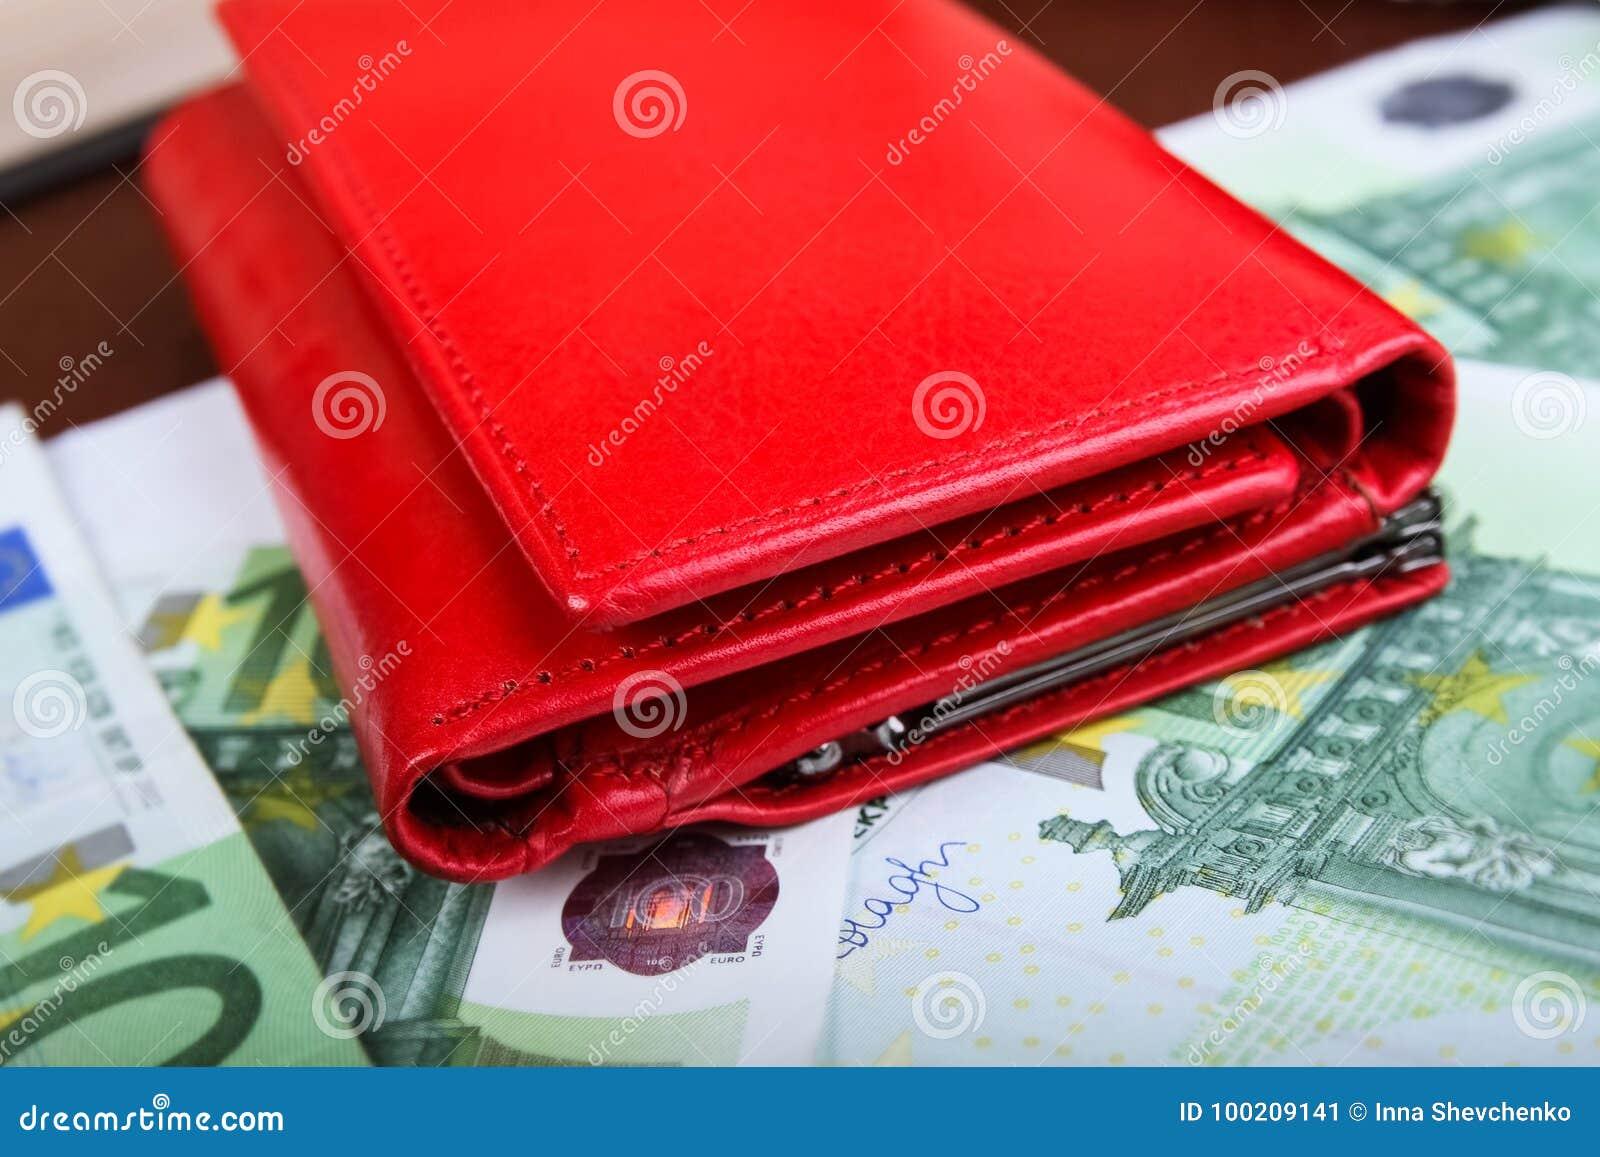 heiß-verkaufendes echtes neu billig suchen Geschlossene Geldbeutelnahaufnahme; Rote Geldbörse Stockbild ...